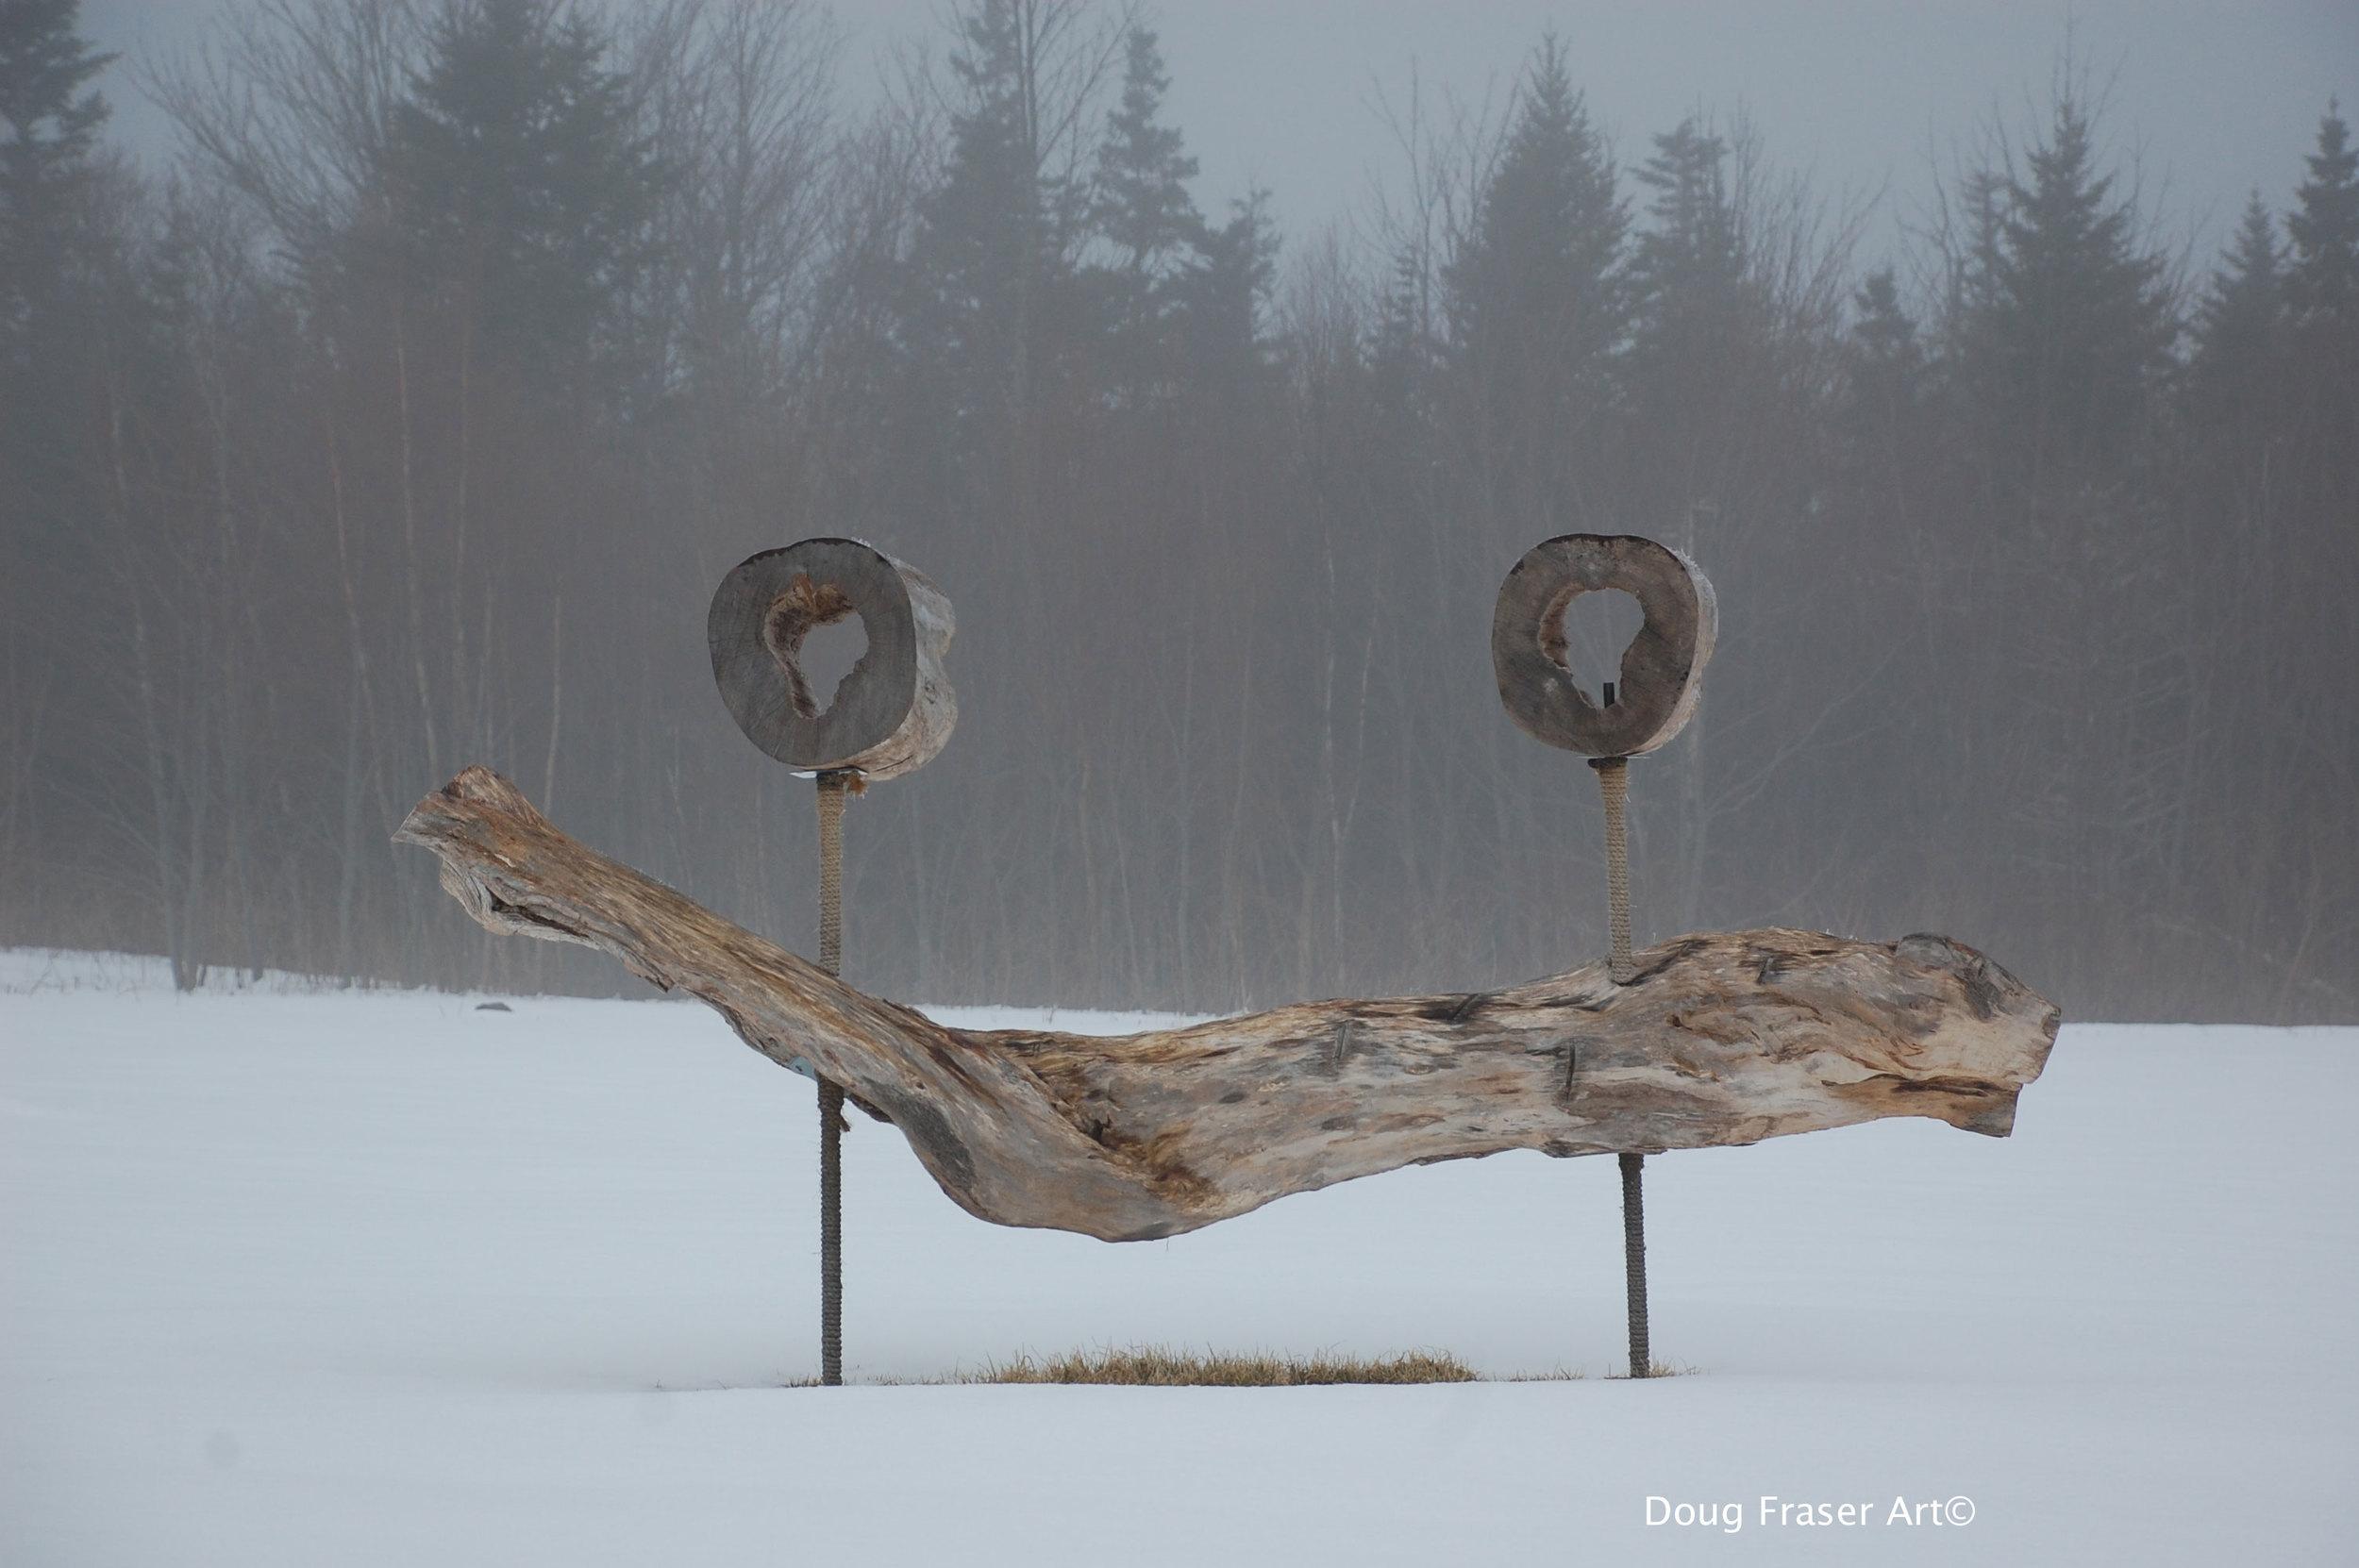 sculpture-in-the-mist.jpg